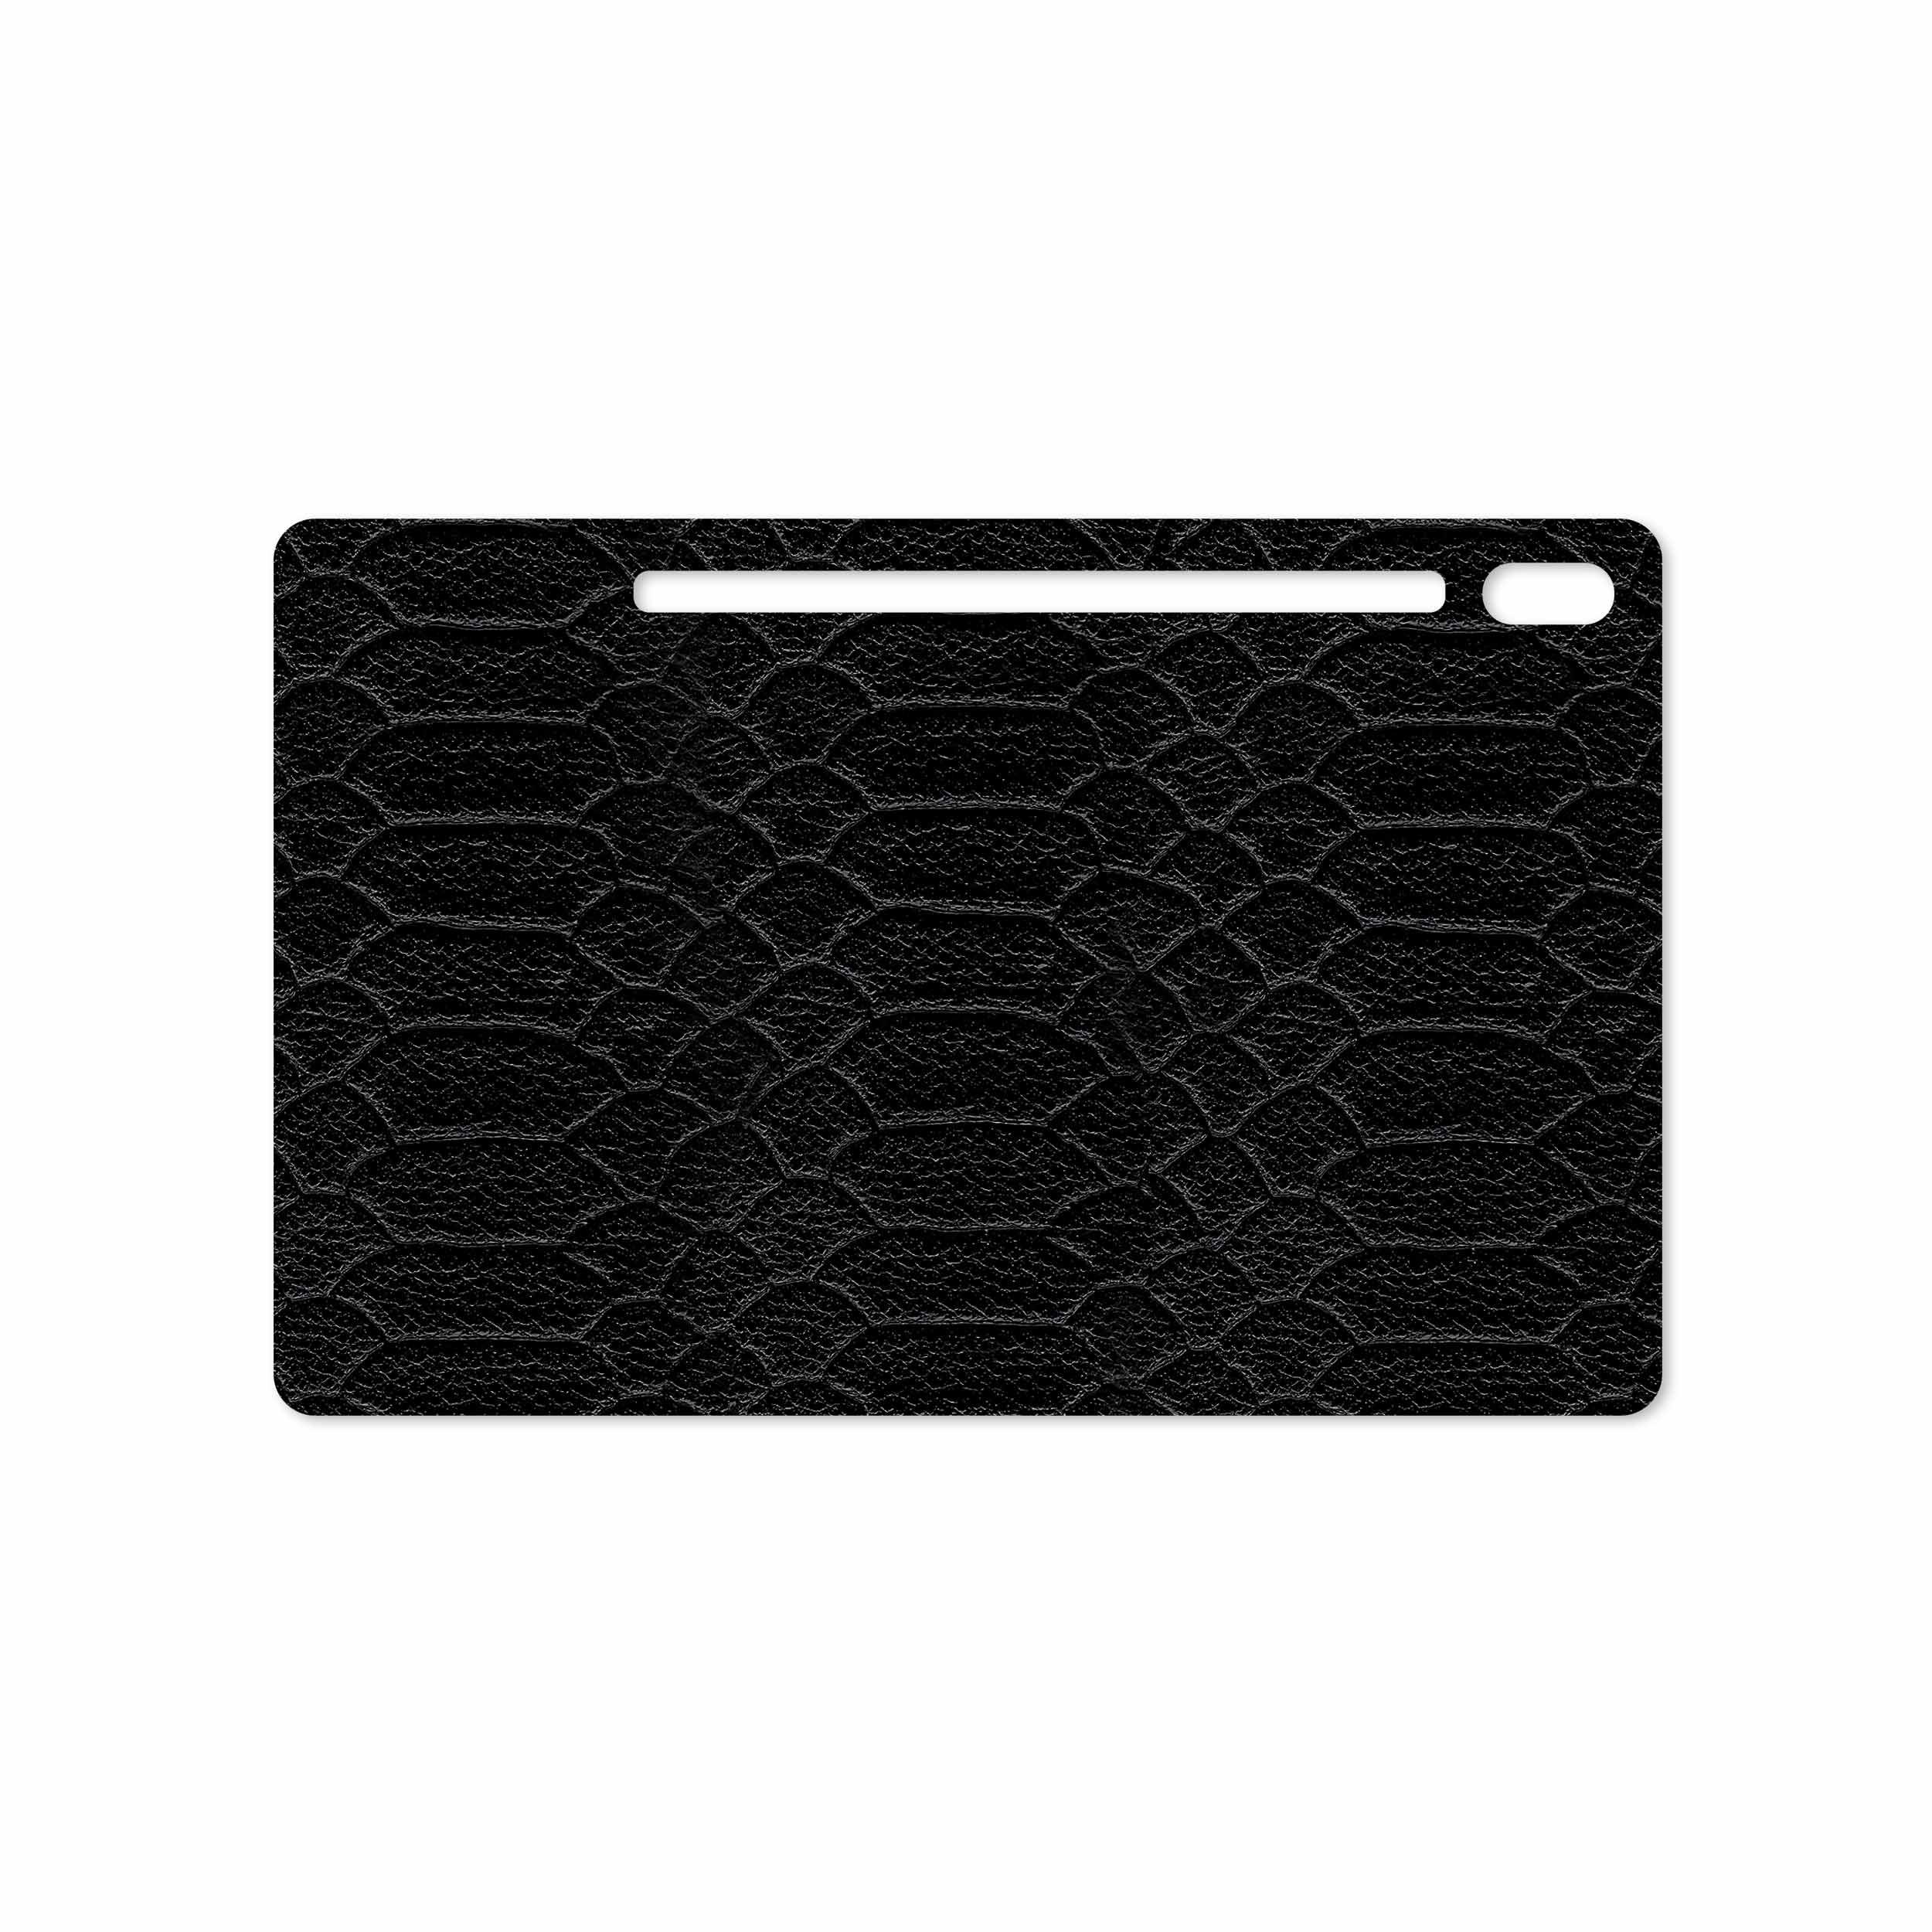 بررسی و خرید [با تخفیف]                                     برچسب پوششی ماهوت مدل Black-Snake-Leather مناسب برای تبلت سامسونگ Galaxy Tab S6 2019 SM-T865                             اورجینال